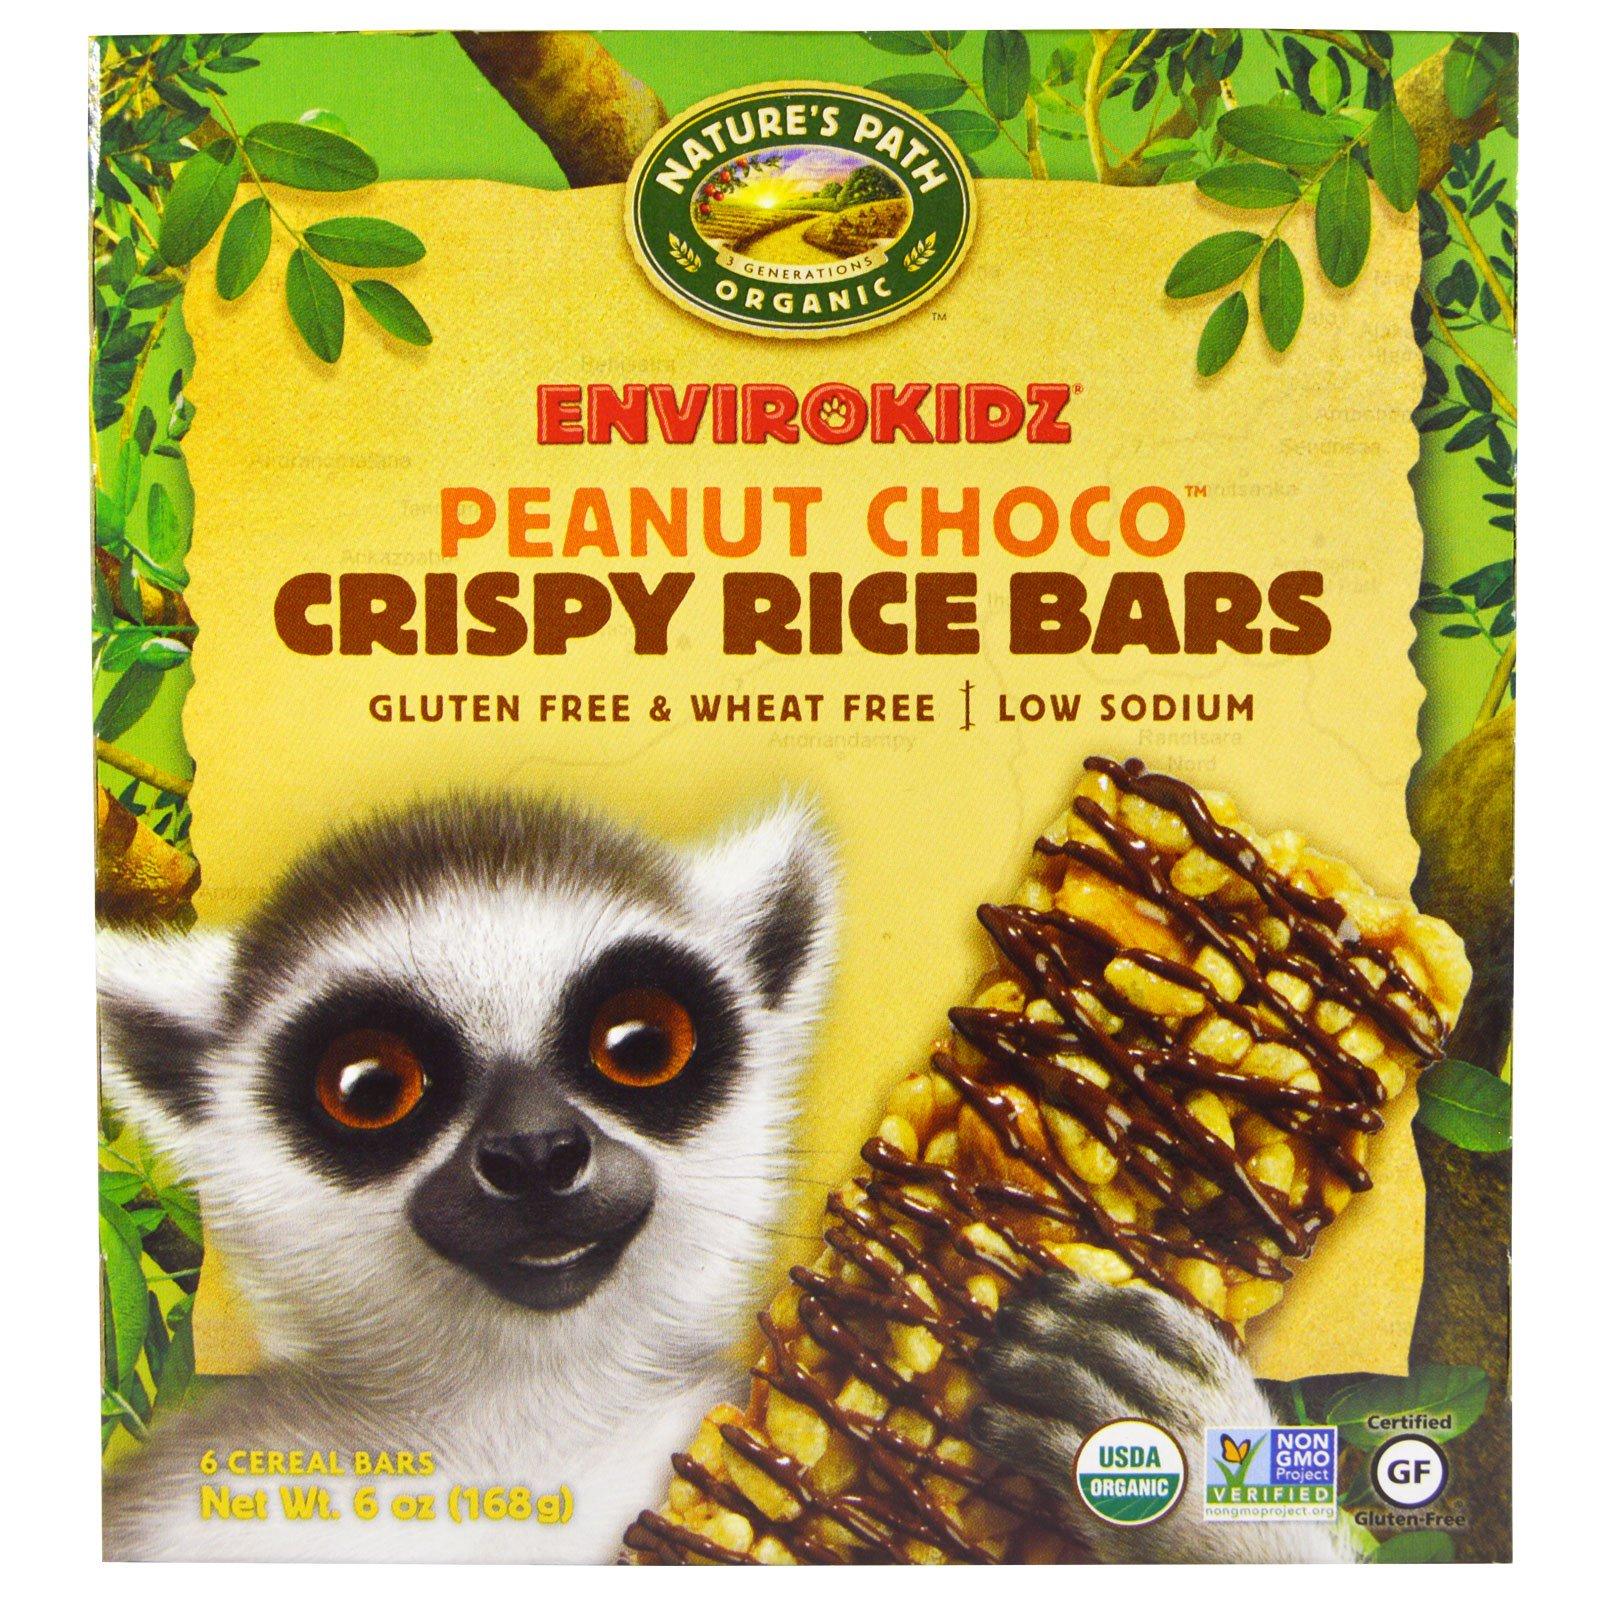 Nature's Path, EnviroKidz органические, злаковые батончики с воздушным рисом, арахис и шоколад, 6 батончиков по 1 унции (28 г)